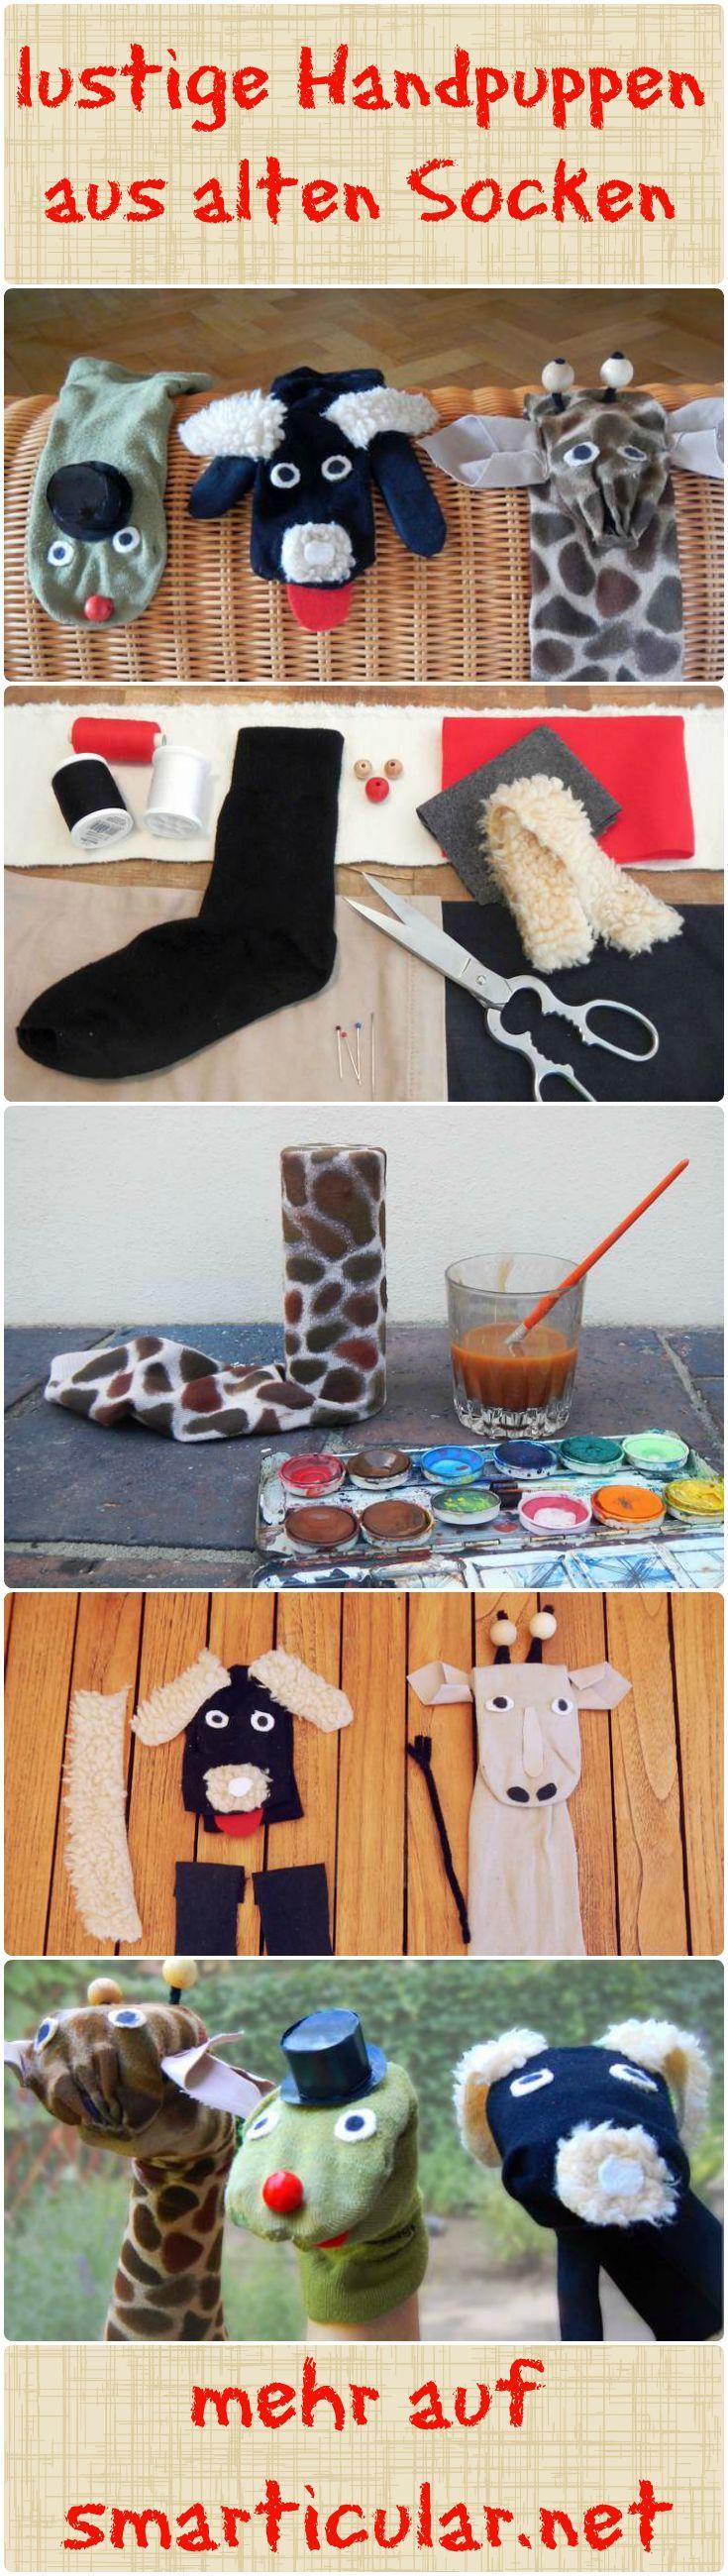 In deiner Sockenschublade sammeln sich einzelne, einsame Strümpfe? Kein Problem! Mache gemeinsam mit deinen Kindern Handpuppen daraus - wir zeigen dir, wie!